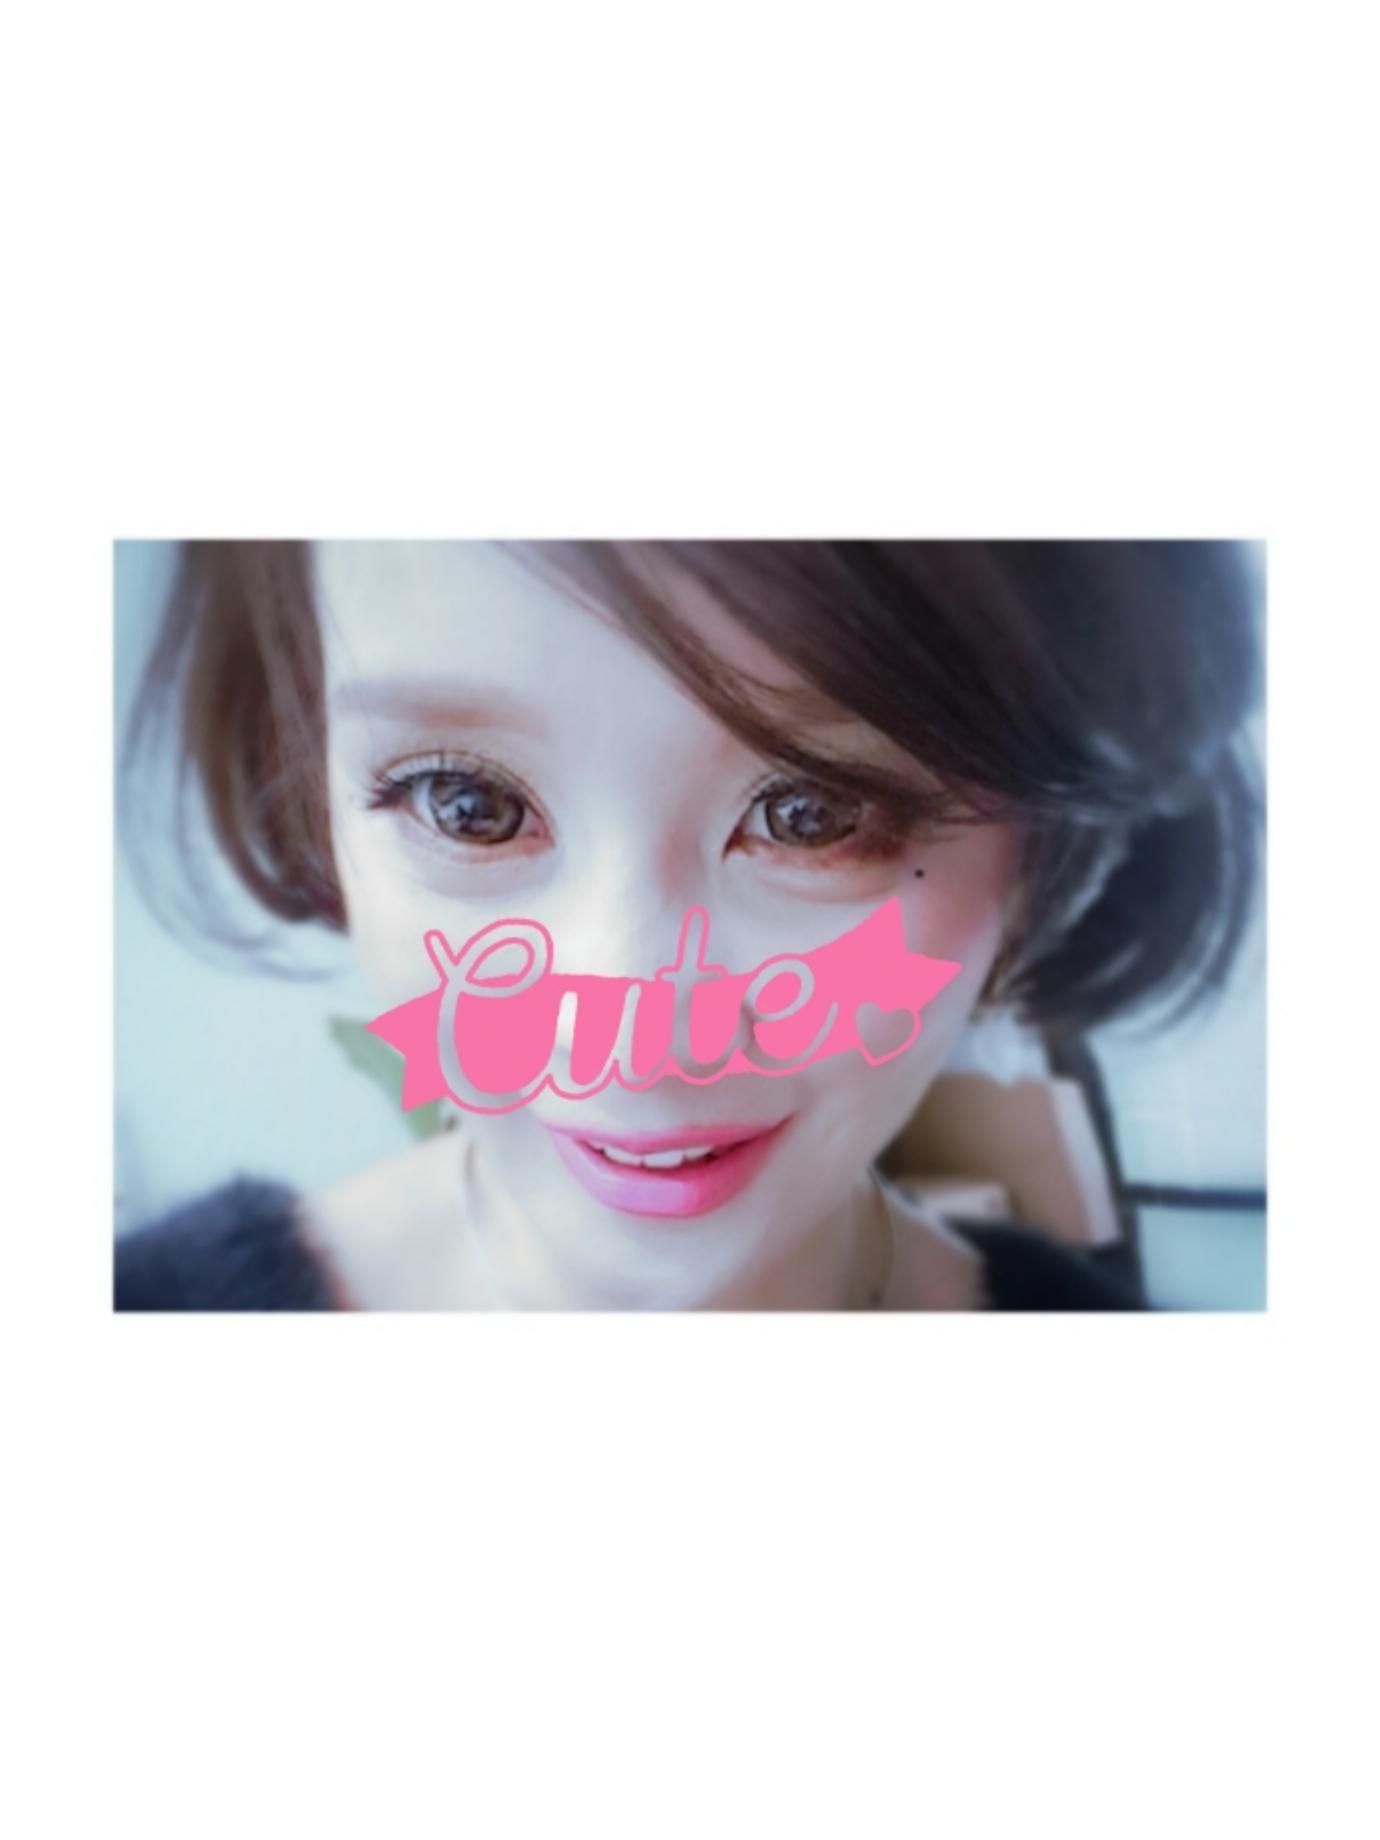 「おはよー♡」09/21(金) 10:37 | えりかの写メ・風俗動画